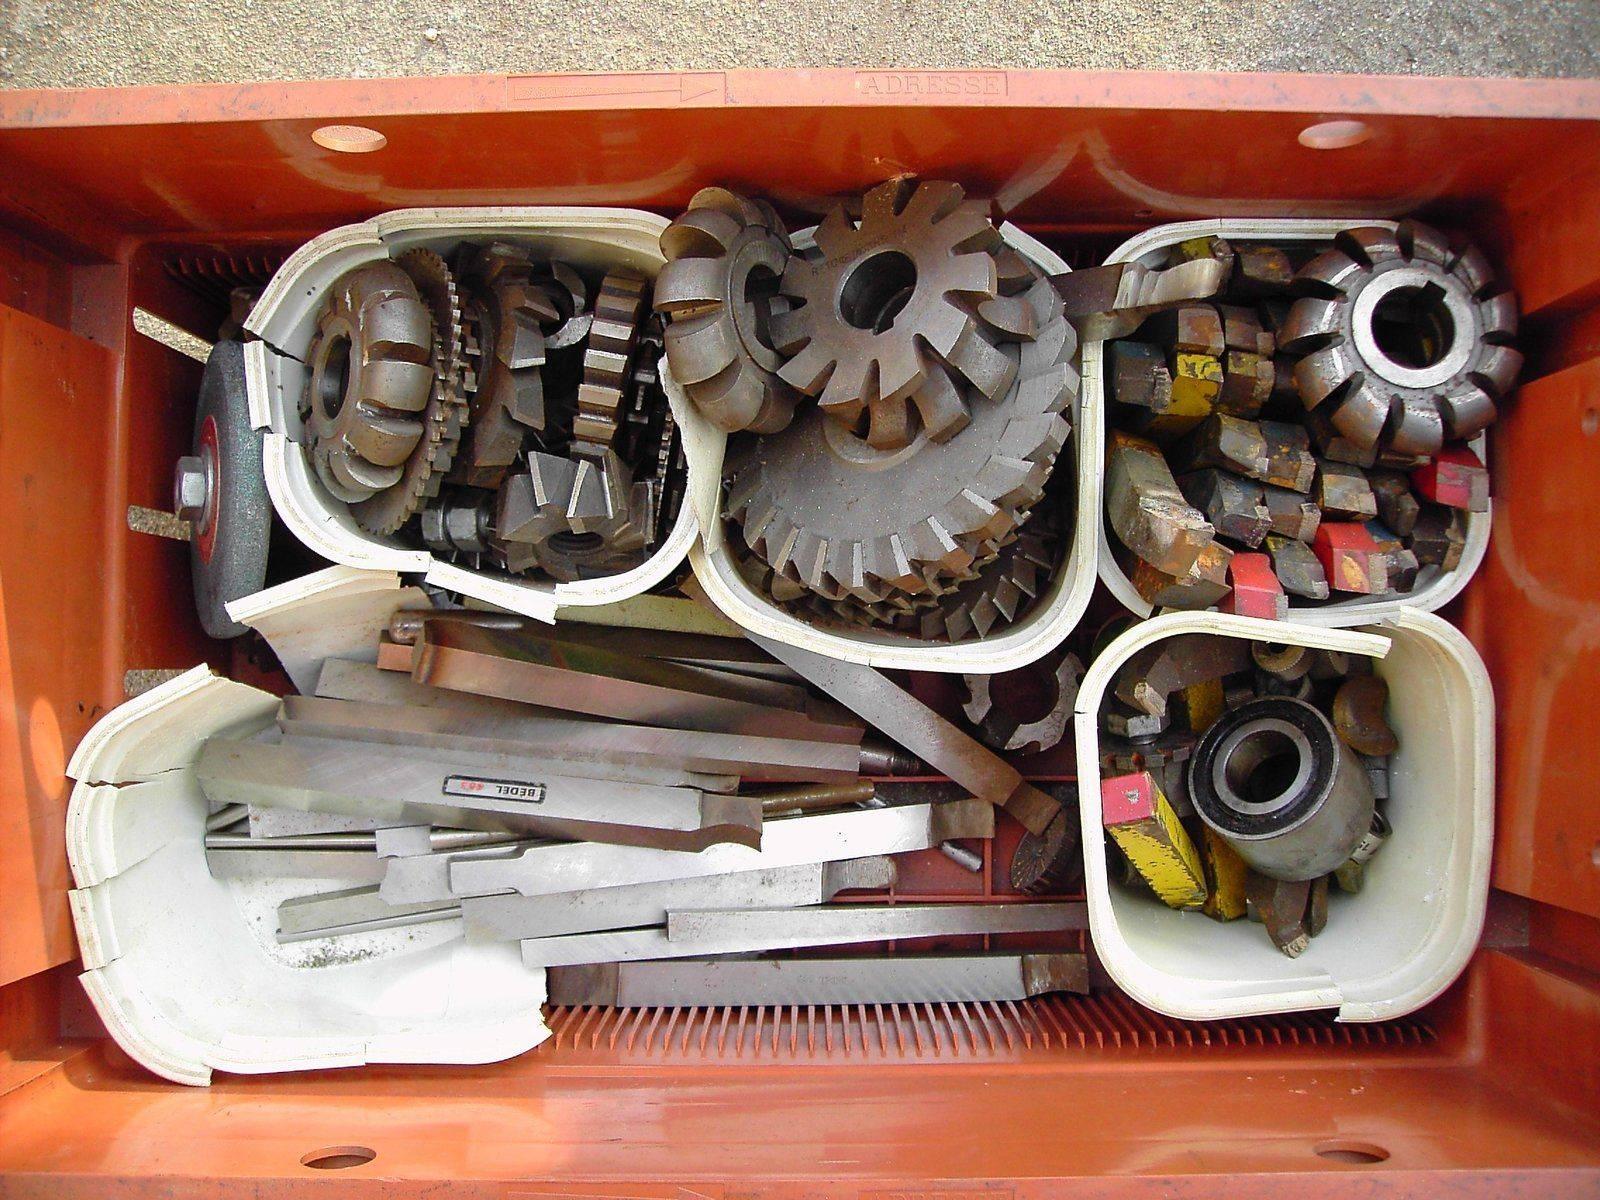 Des fraises et des outils.JPG